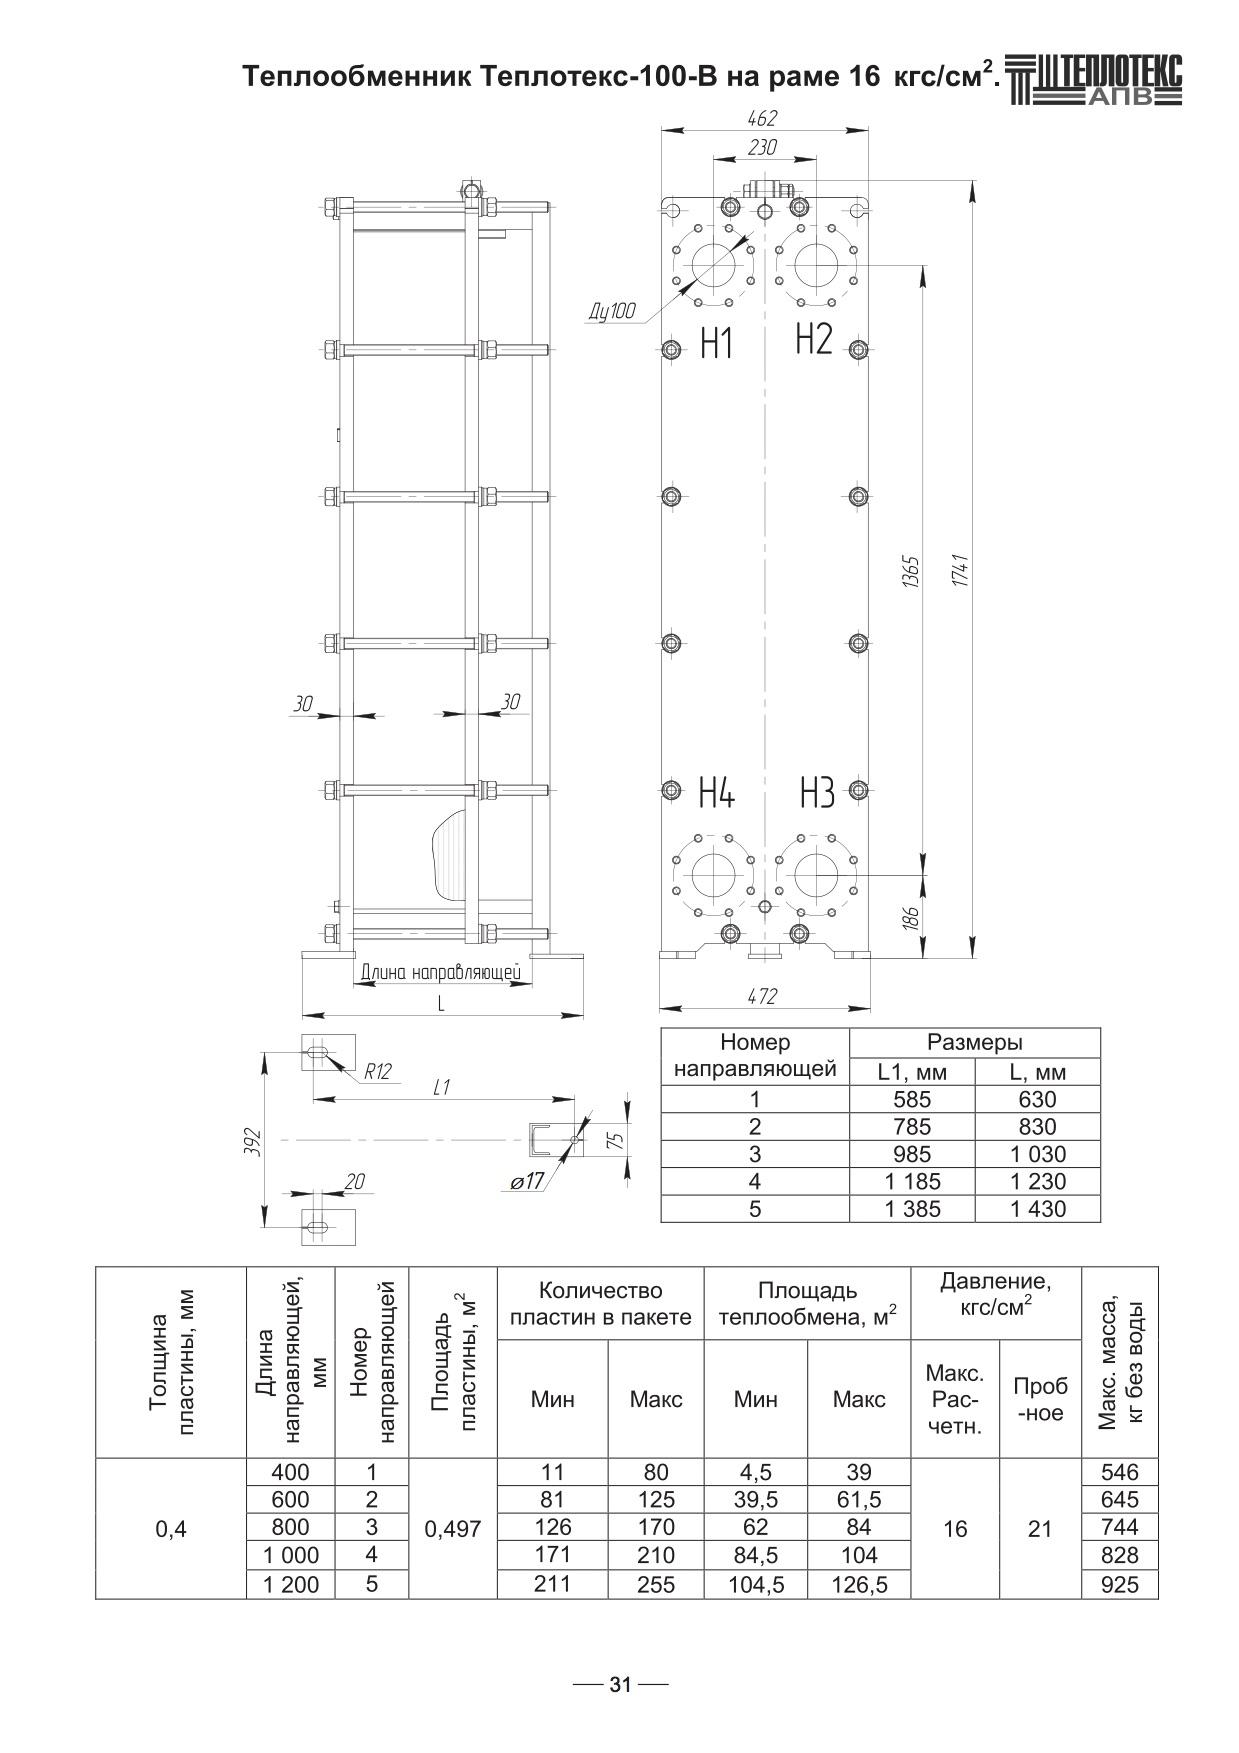 Уплотнения теплообменника Теплотекс 100A Уссурийск Кожухотрубный теплообменник Alfa Laval VLR12x22/129-3,0 Сергиев Посад